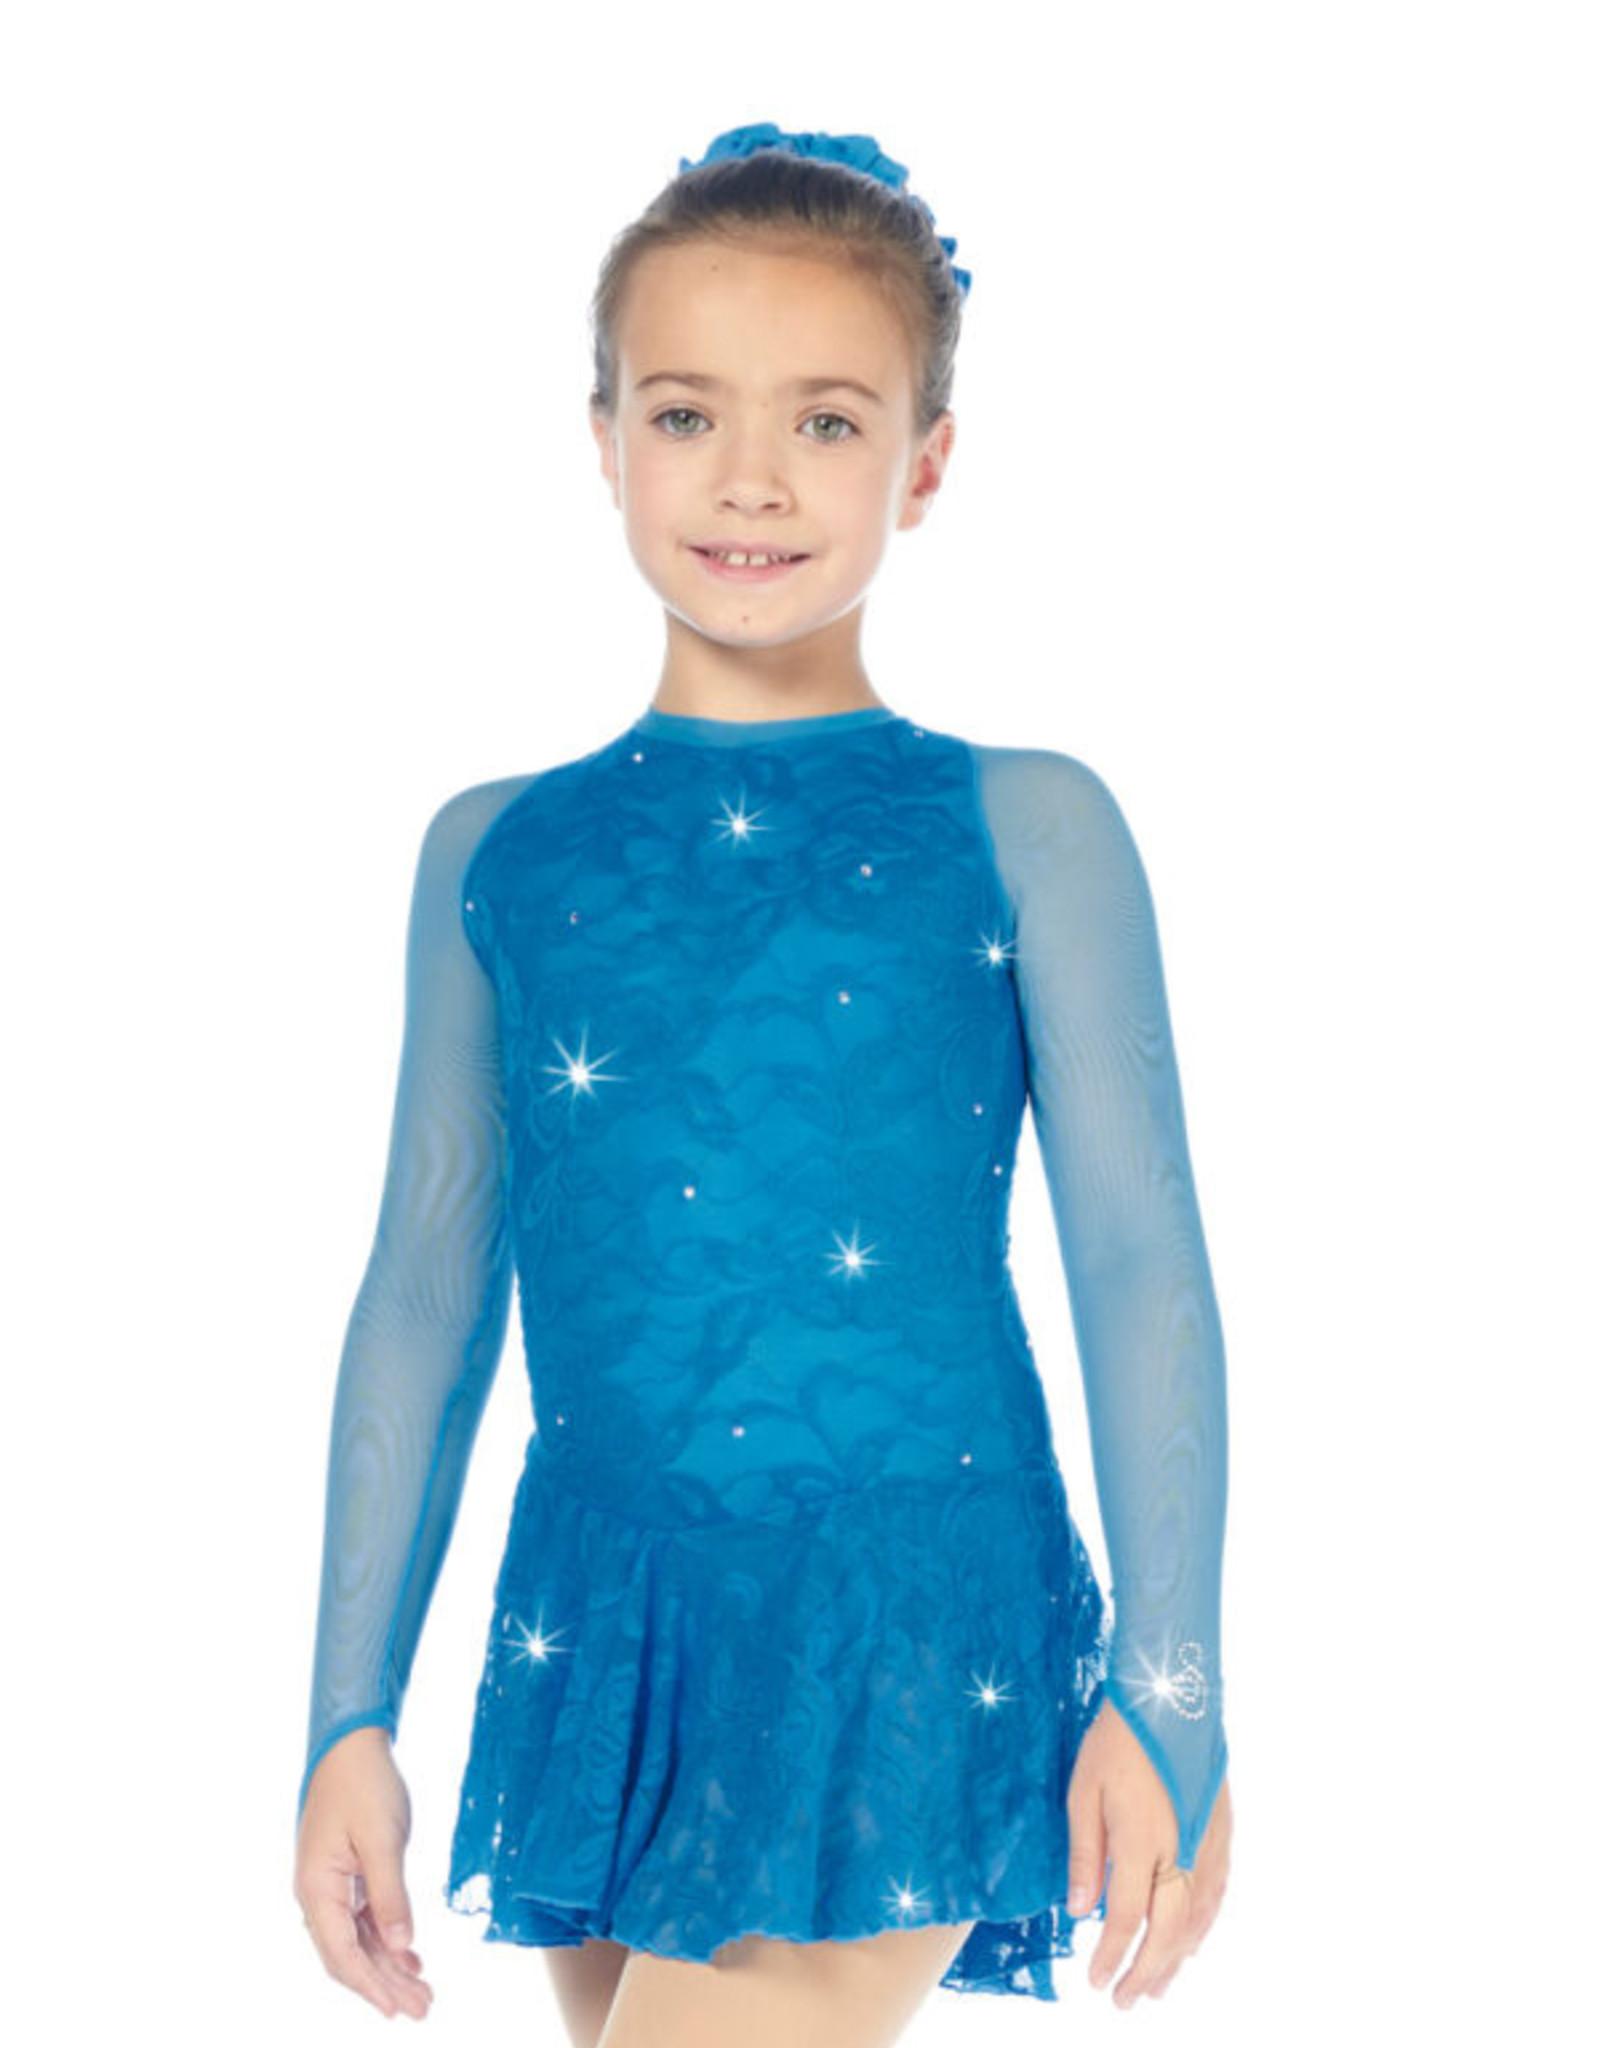 Sagester Dress Model 194